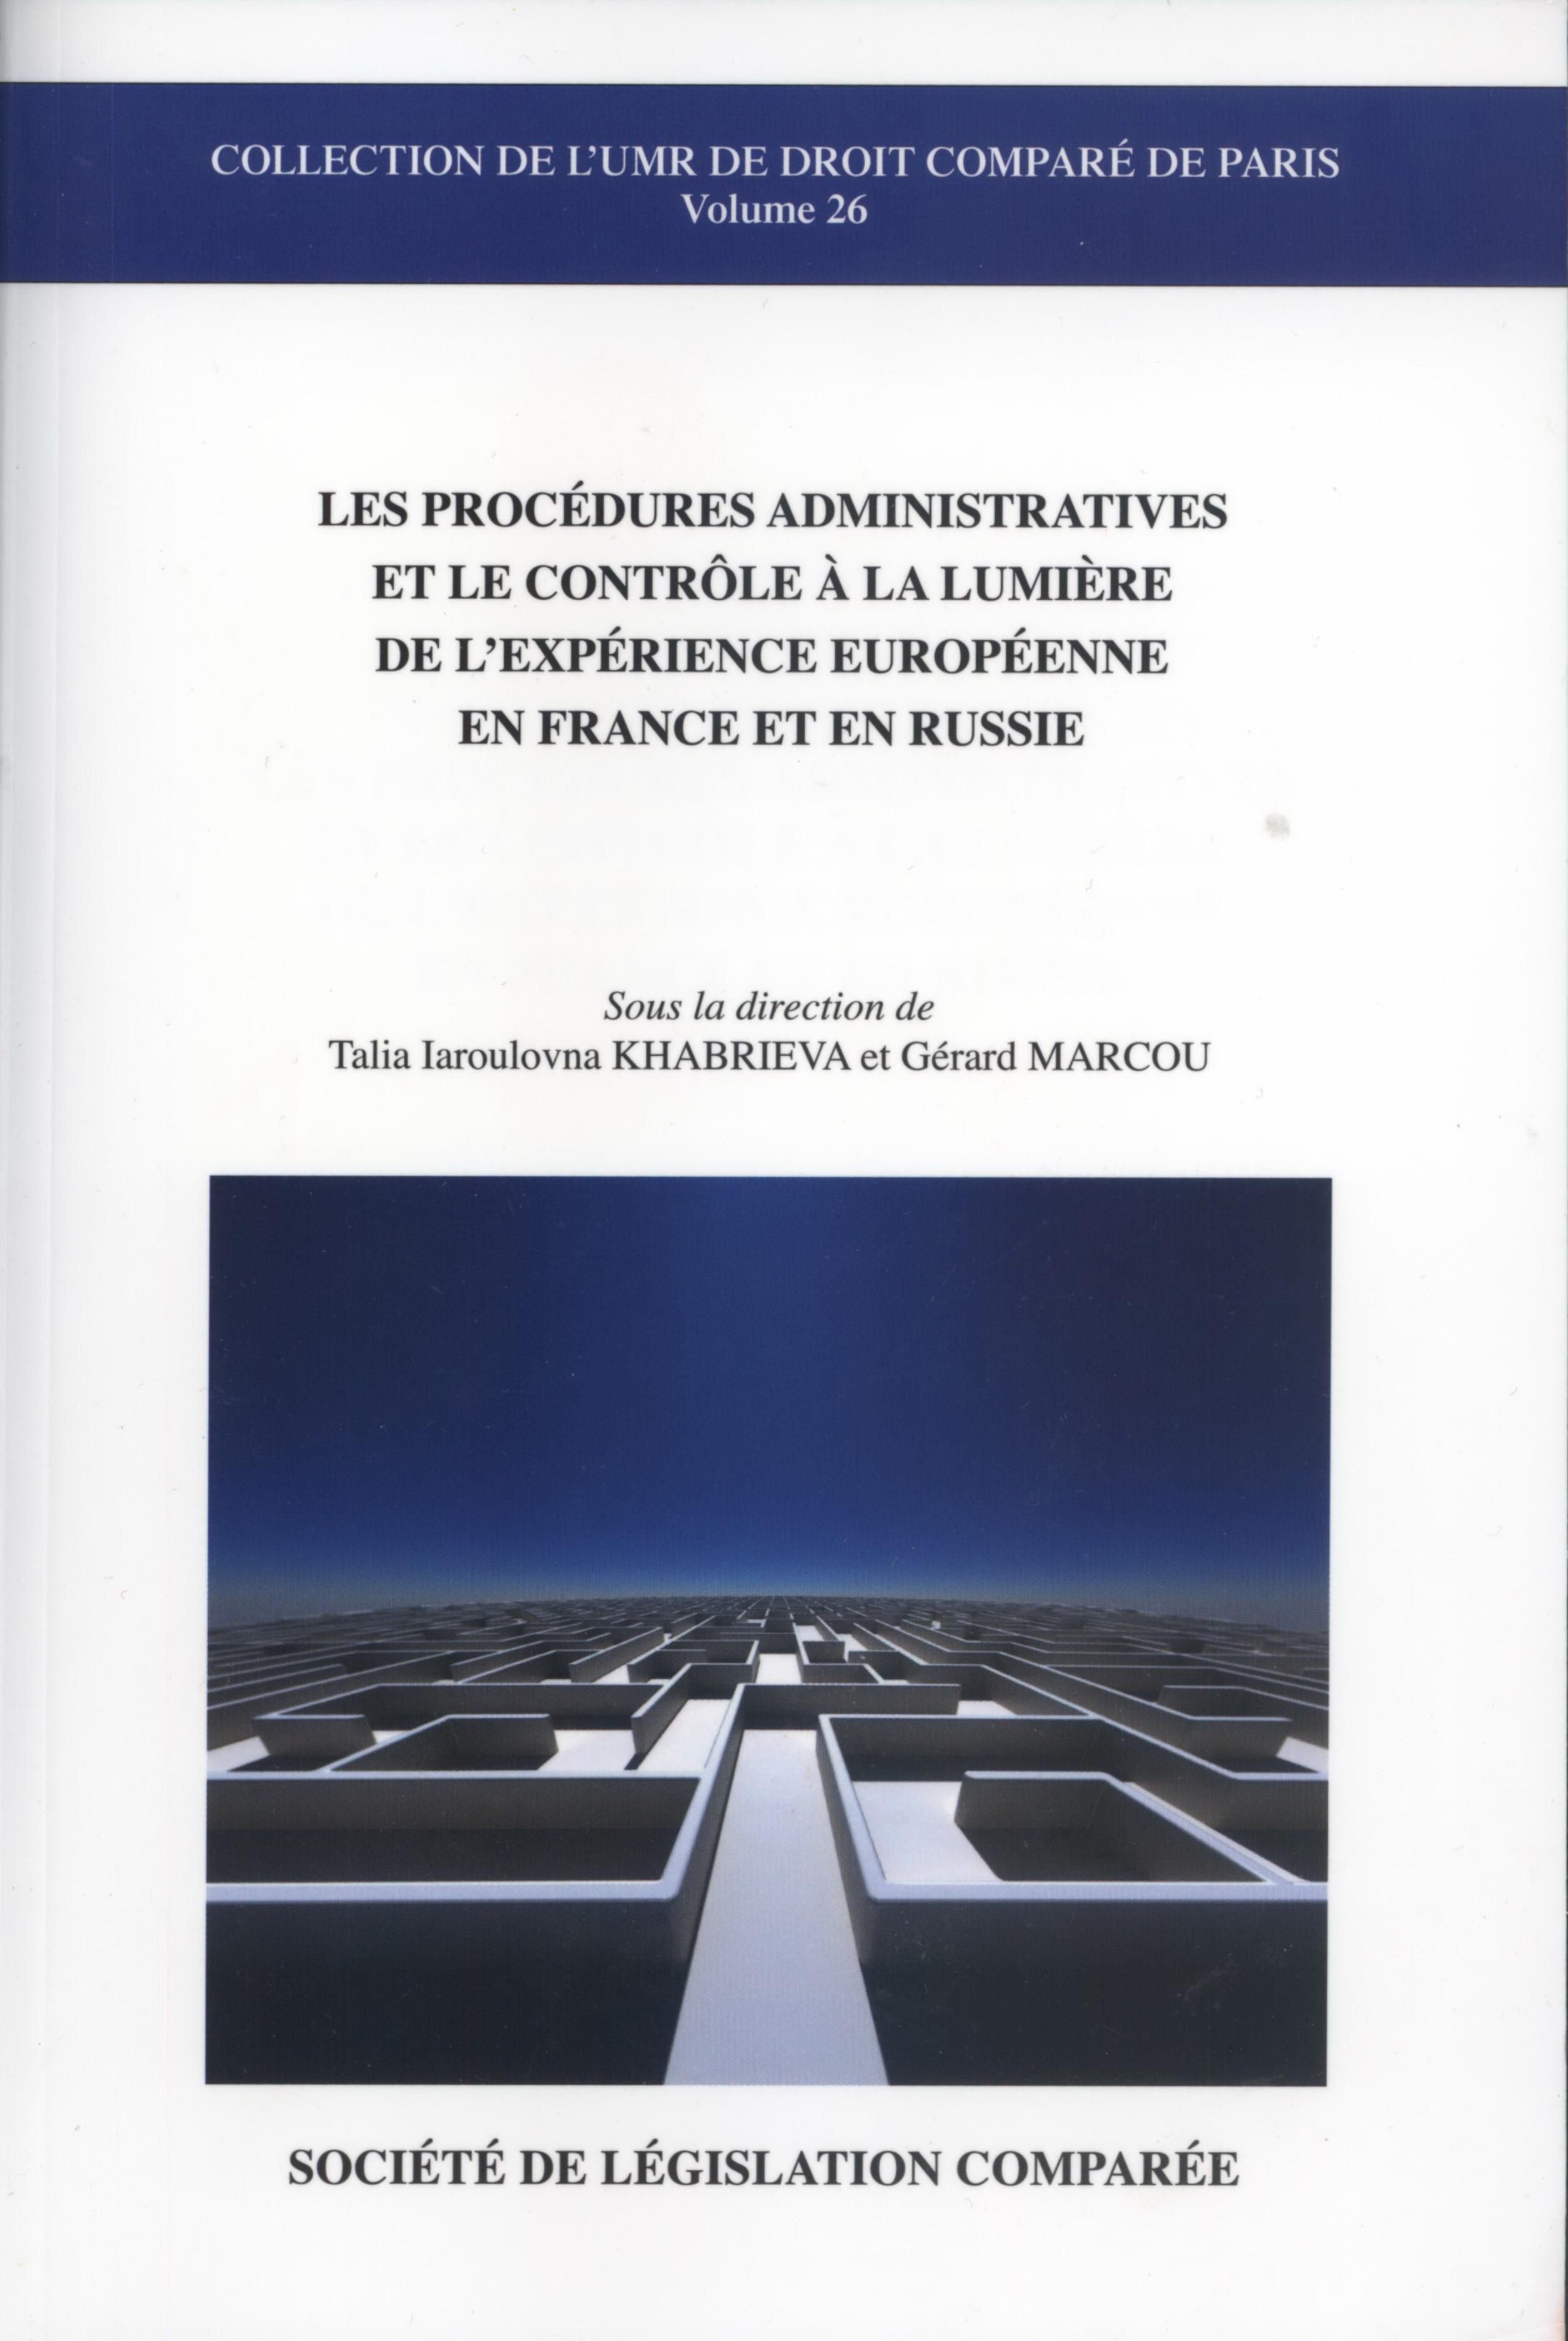 Les procédures administratives et le contrȏle à la lumière de l'expérience européenne en France et en Russie